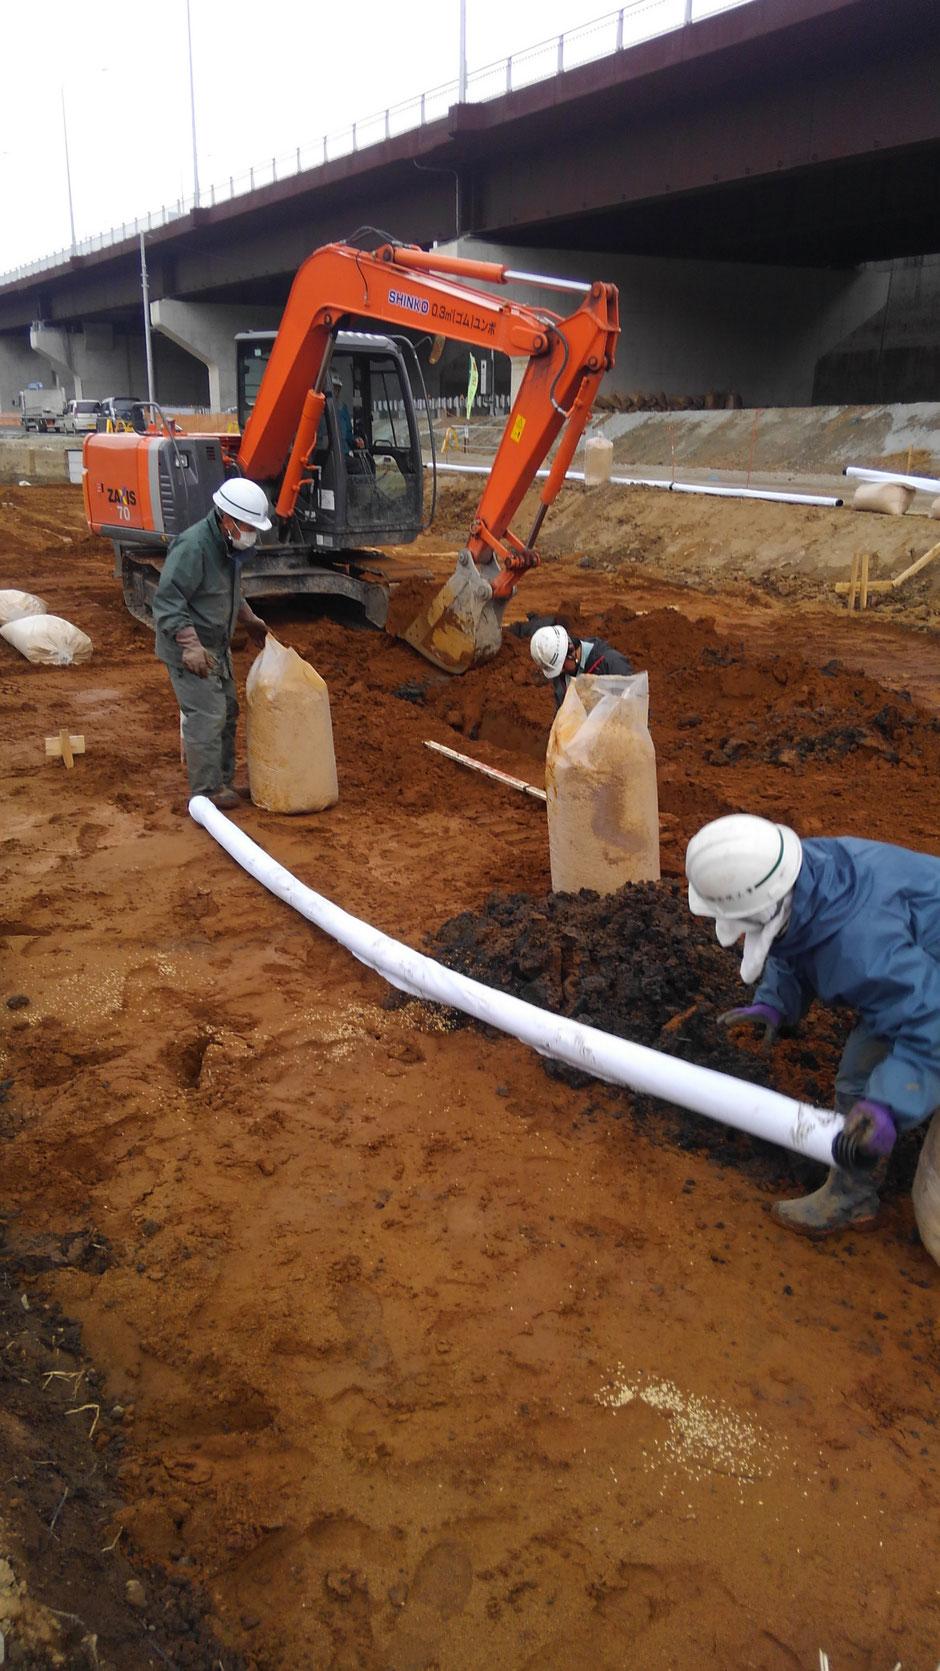 暗渠の施工で、掘削時に暗渠パイプとモミガラを用意する様子です。